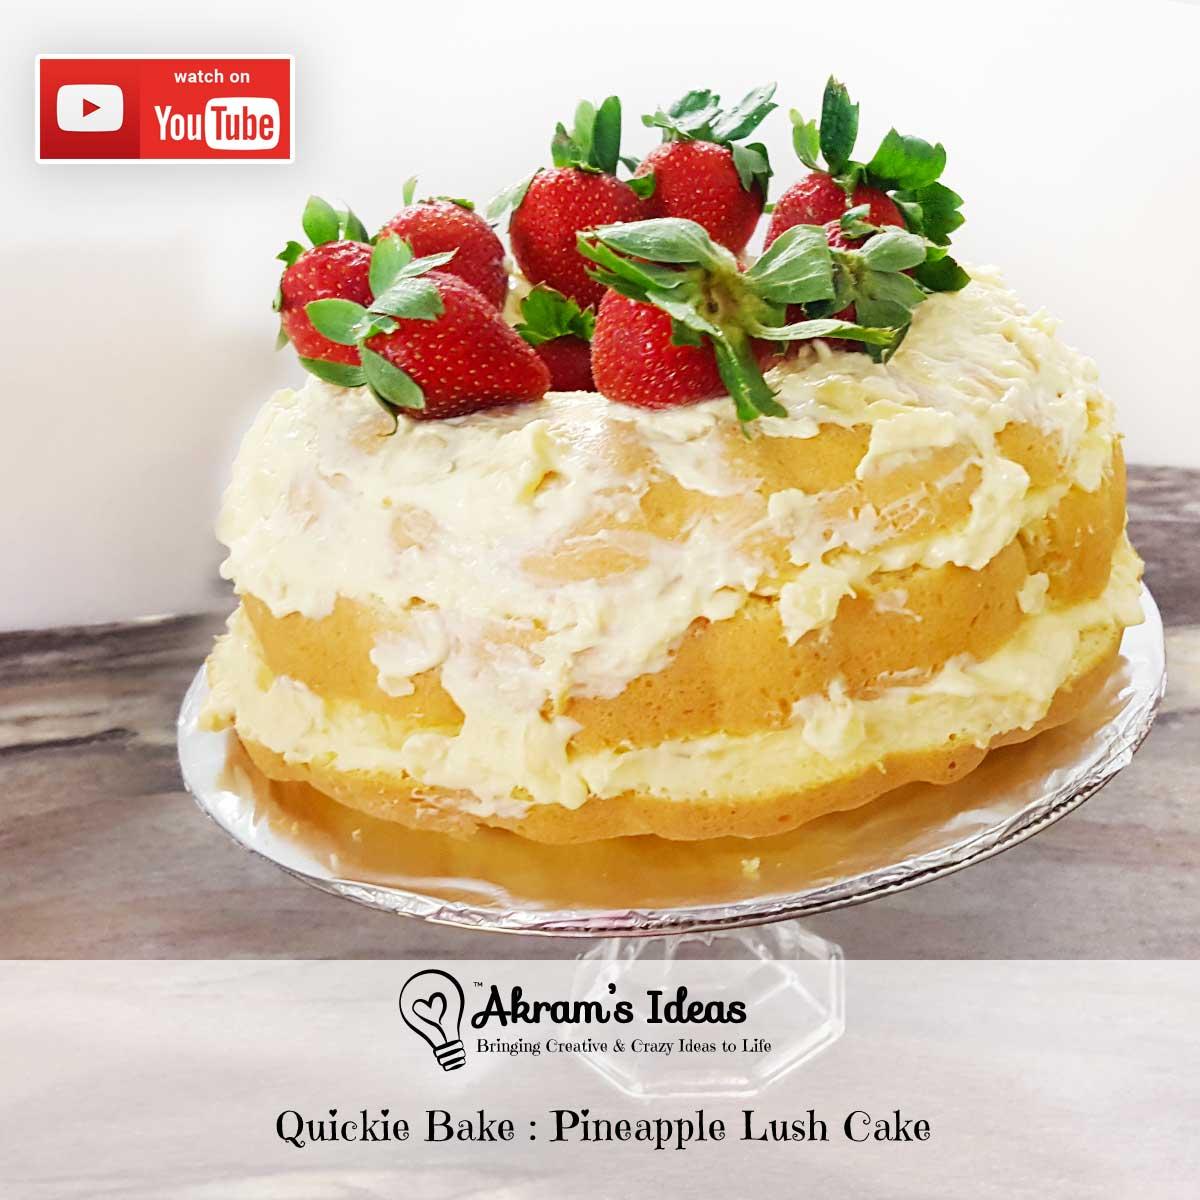 Weight Watchers Birthday Cake Recipe